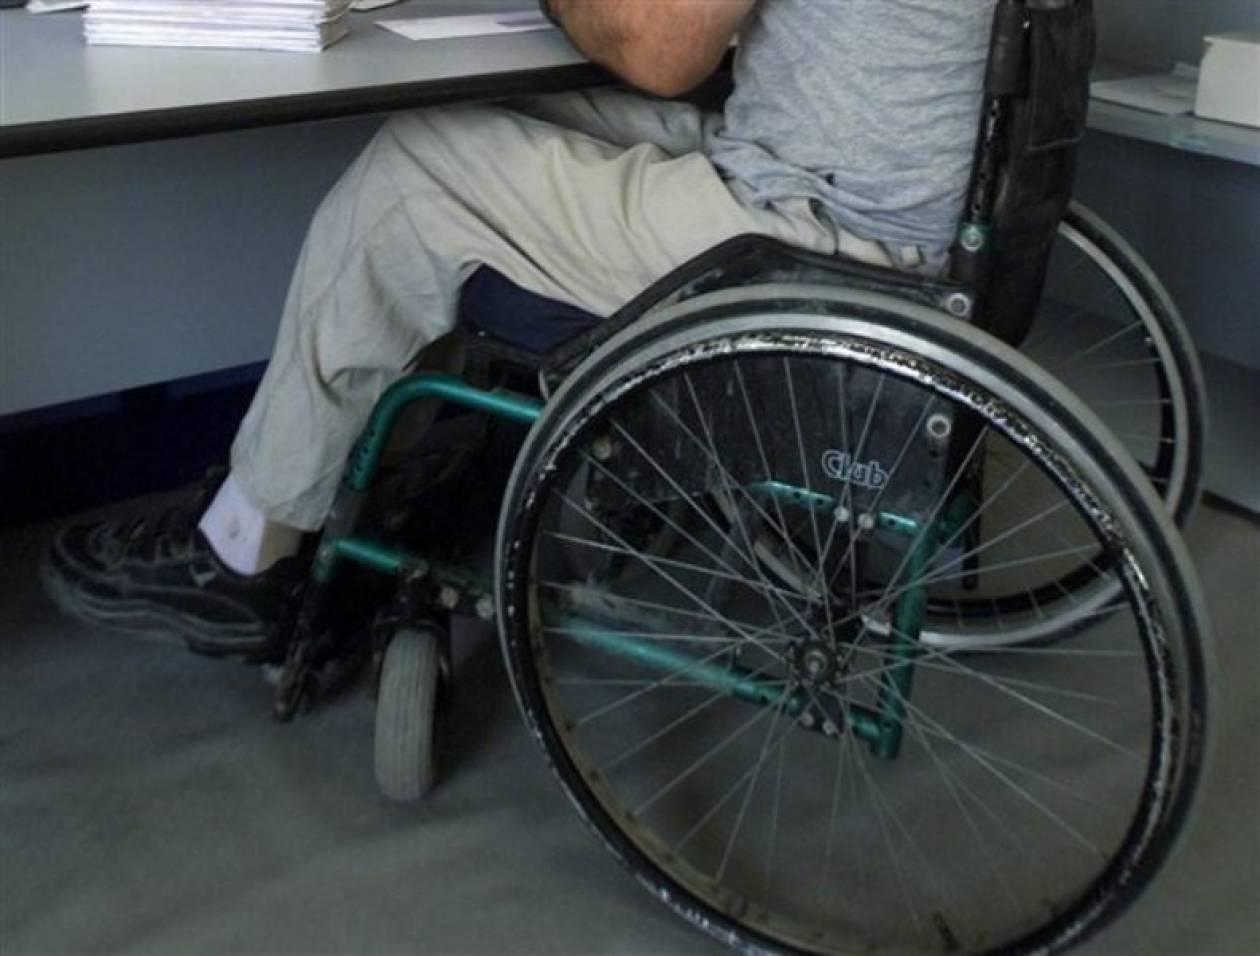 ΣτΠ: Χορήγηση ΕΚΑΣ σε όλους τους συνταξιούχους αναπηρίας